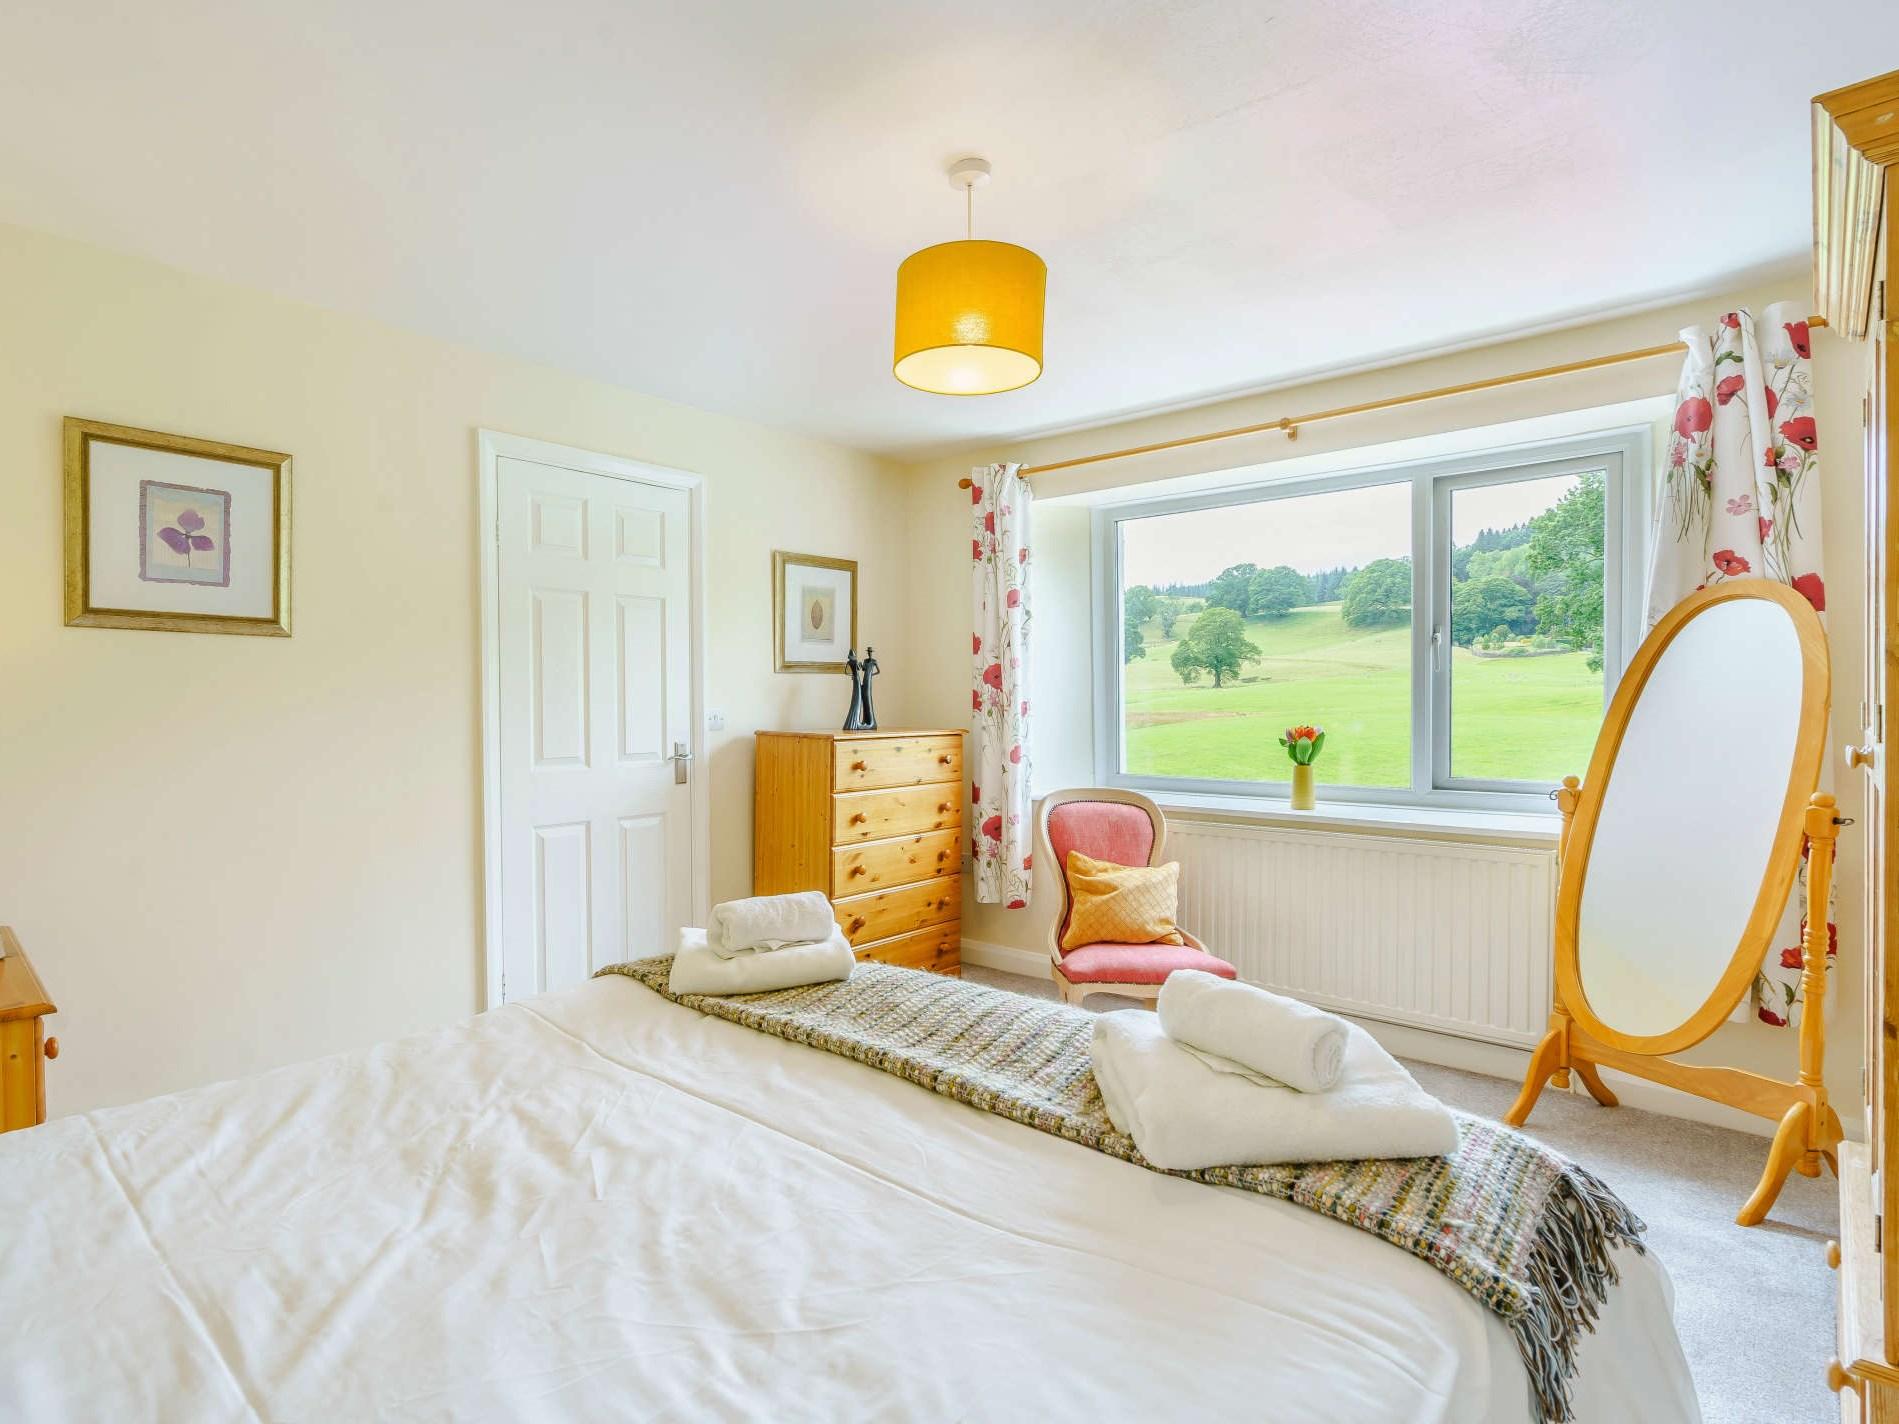 3 Bedroom Cottage in Cumbria, Scottish Borders